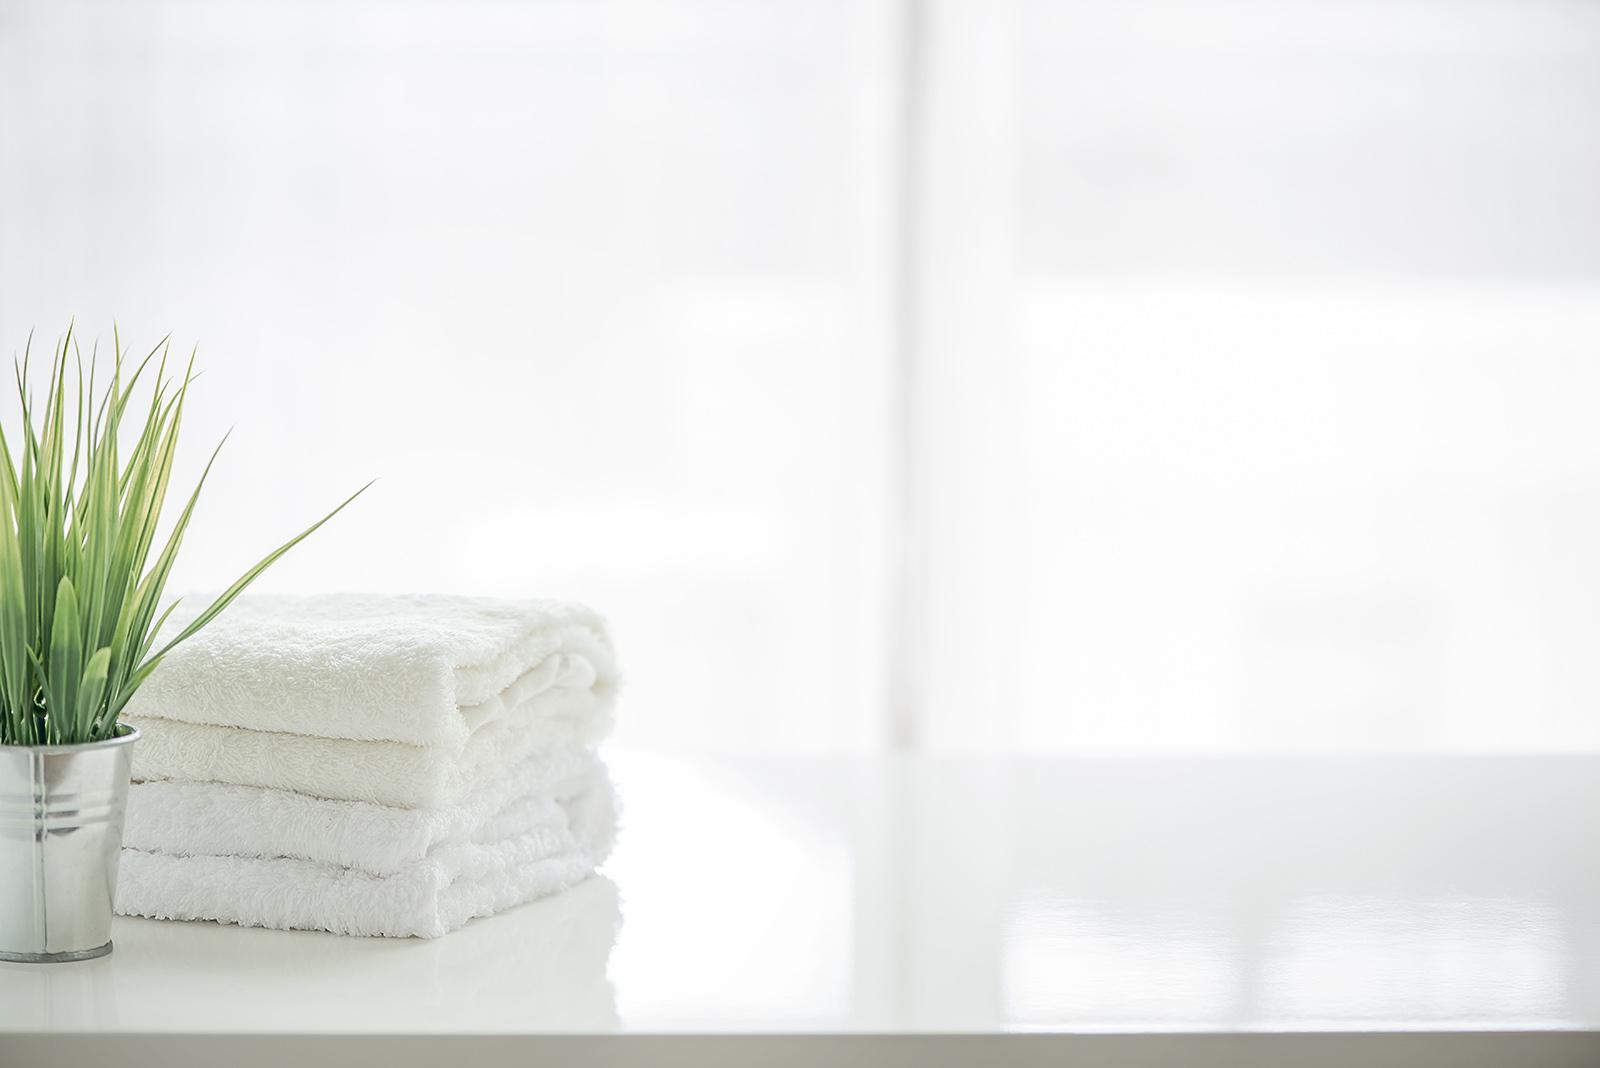 Vi utför badrumsrenovering i Sundsvall samt resten av Västernorrland. Vi hjälper er med badrumsrenovering i Sundsvall.